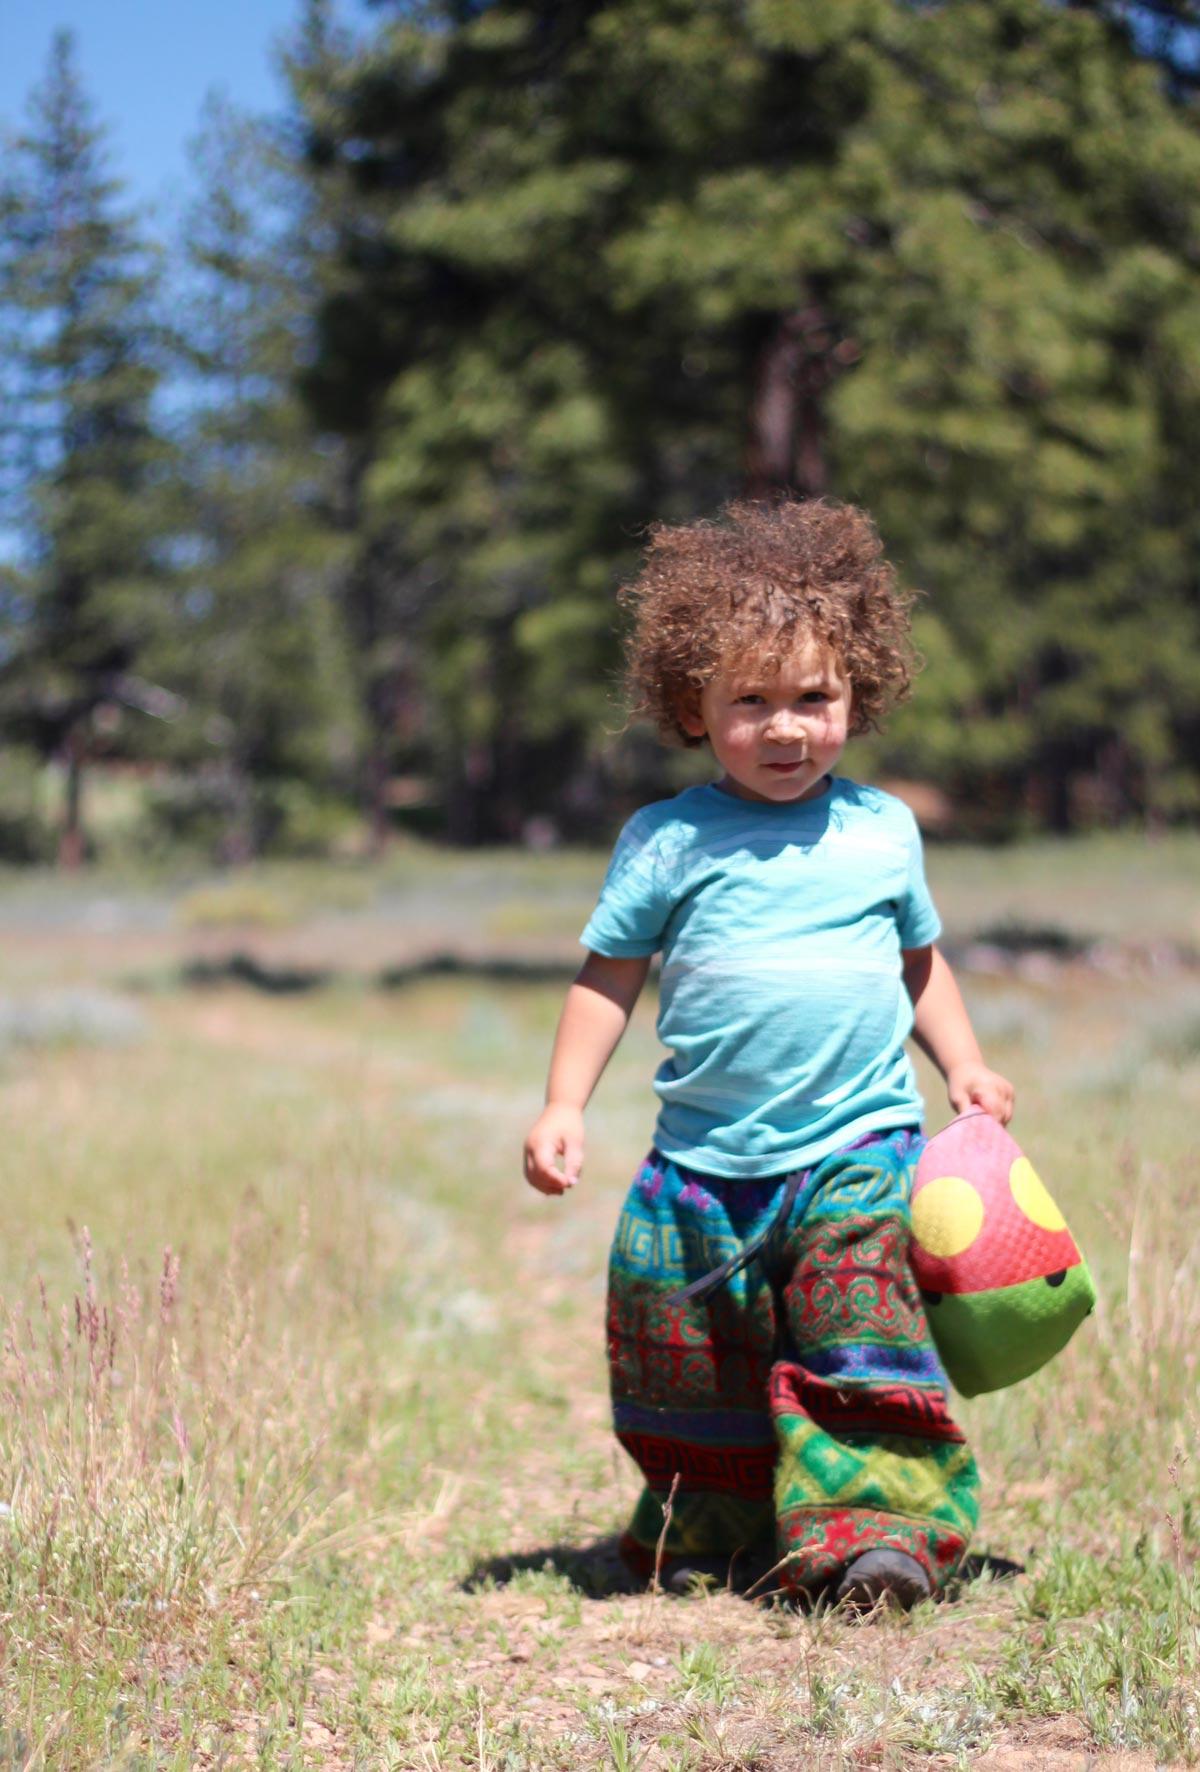 Eternal Elite Pant-Child Walking Towards Camera.jpg